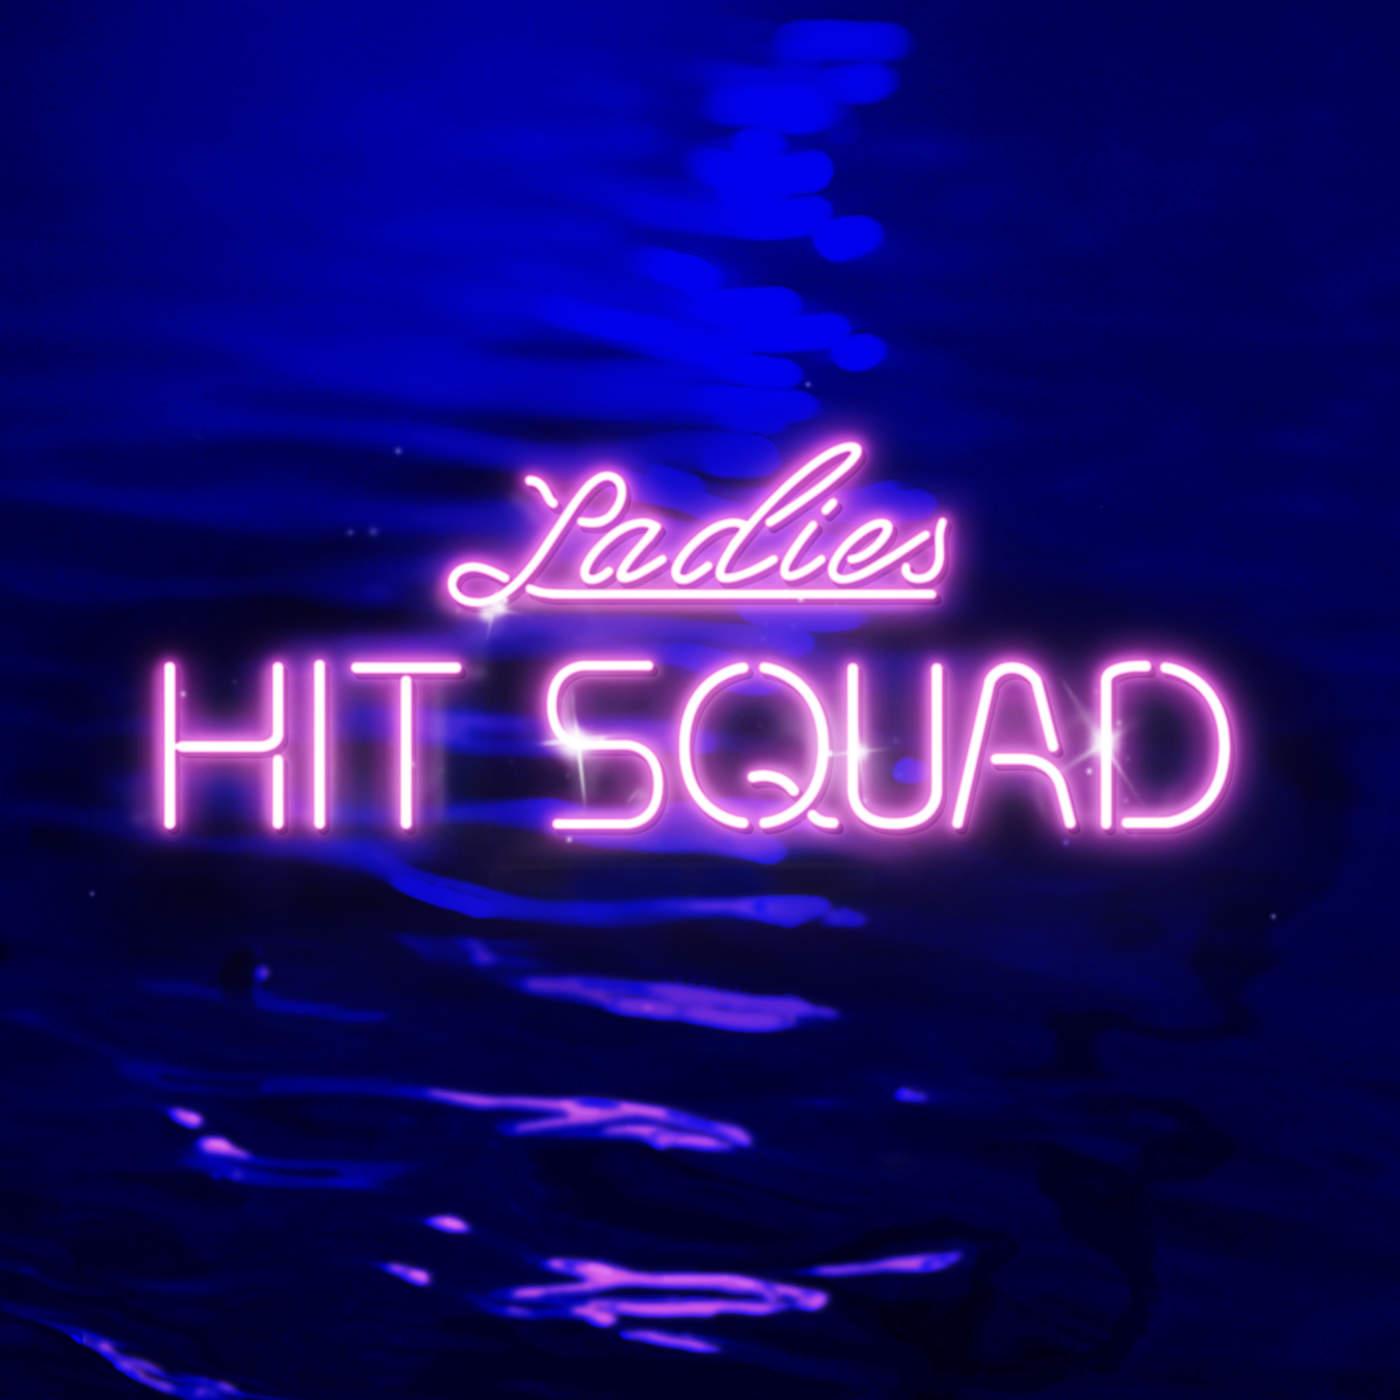 Skepta - Ladies Hit Squad (feat. D Double E & ASAP Nast) - Single Cover